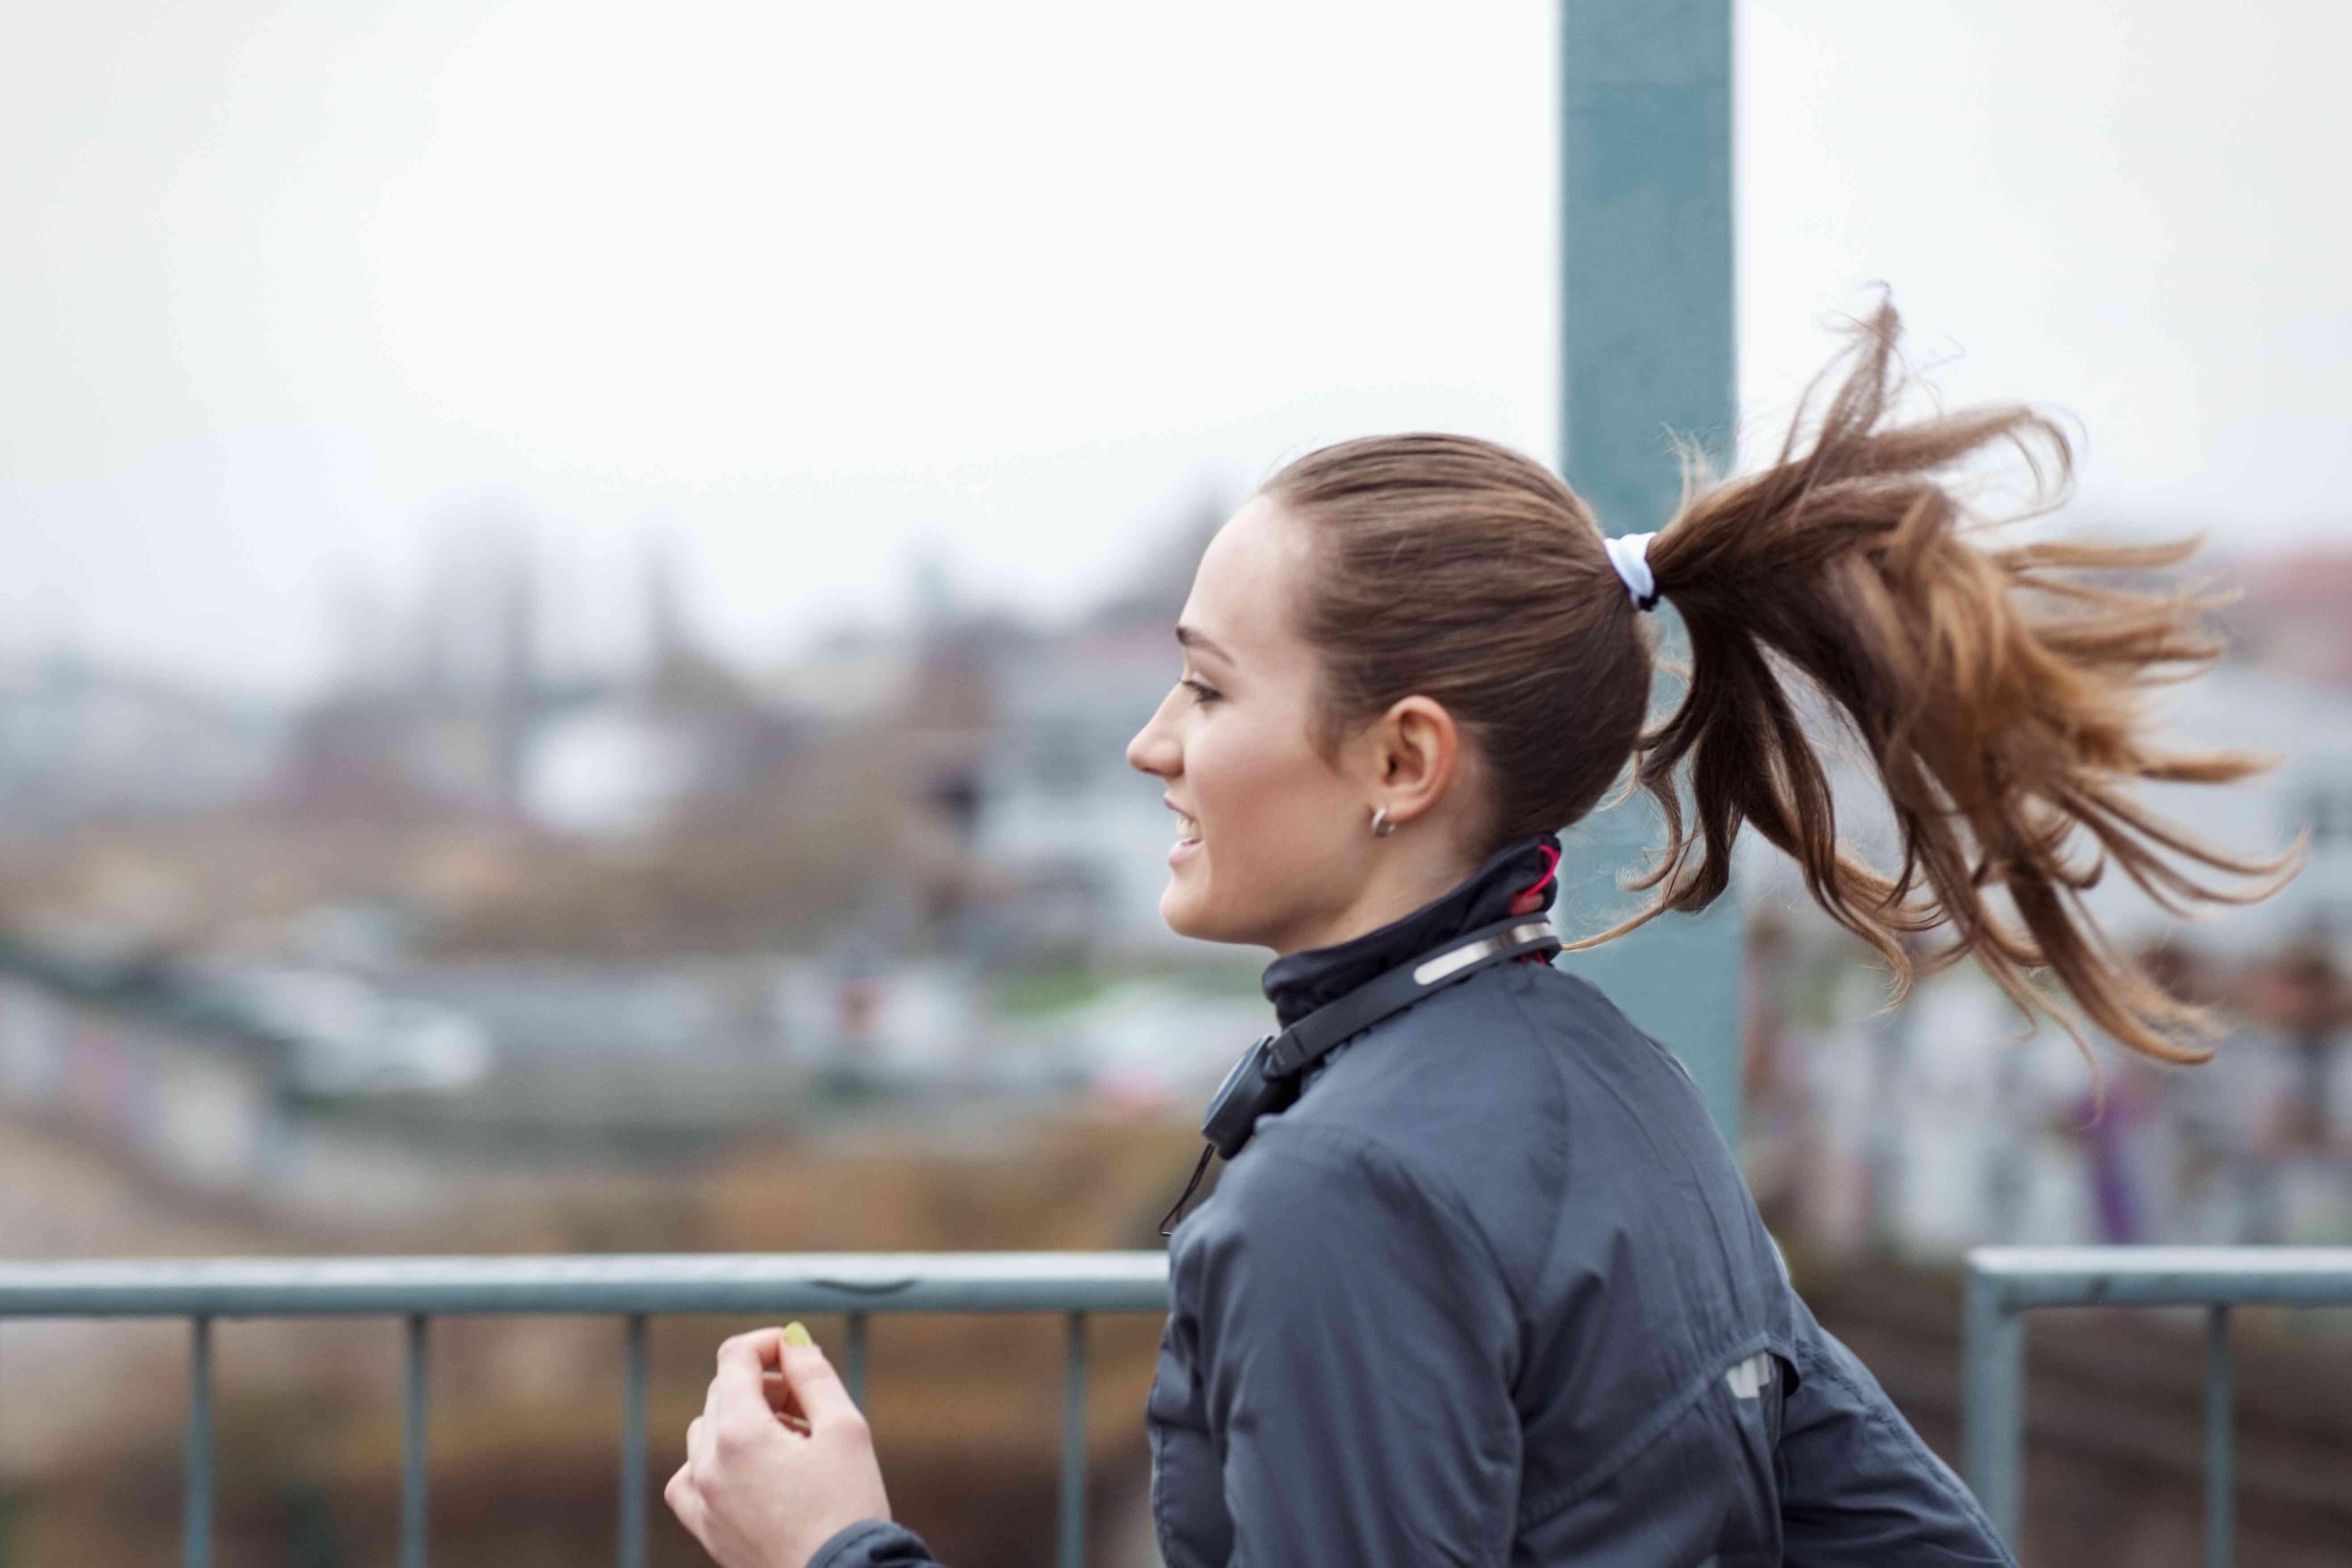 una joven deportista corre por la ciudad